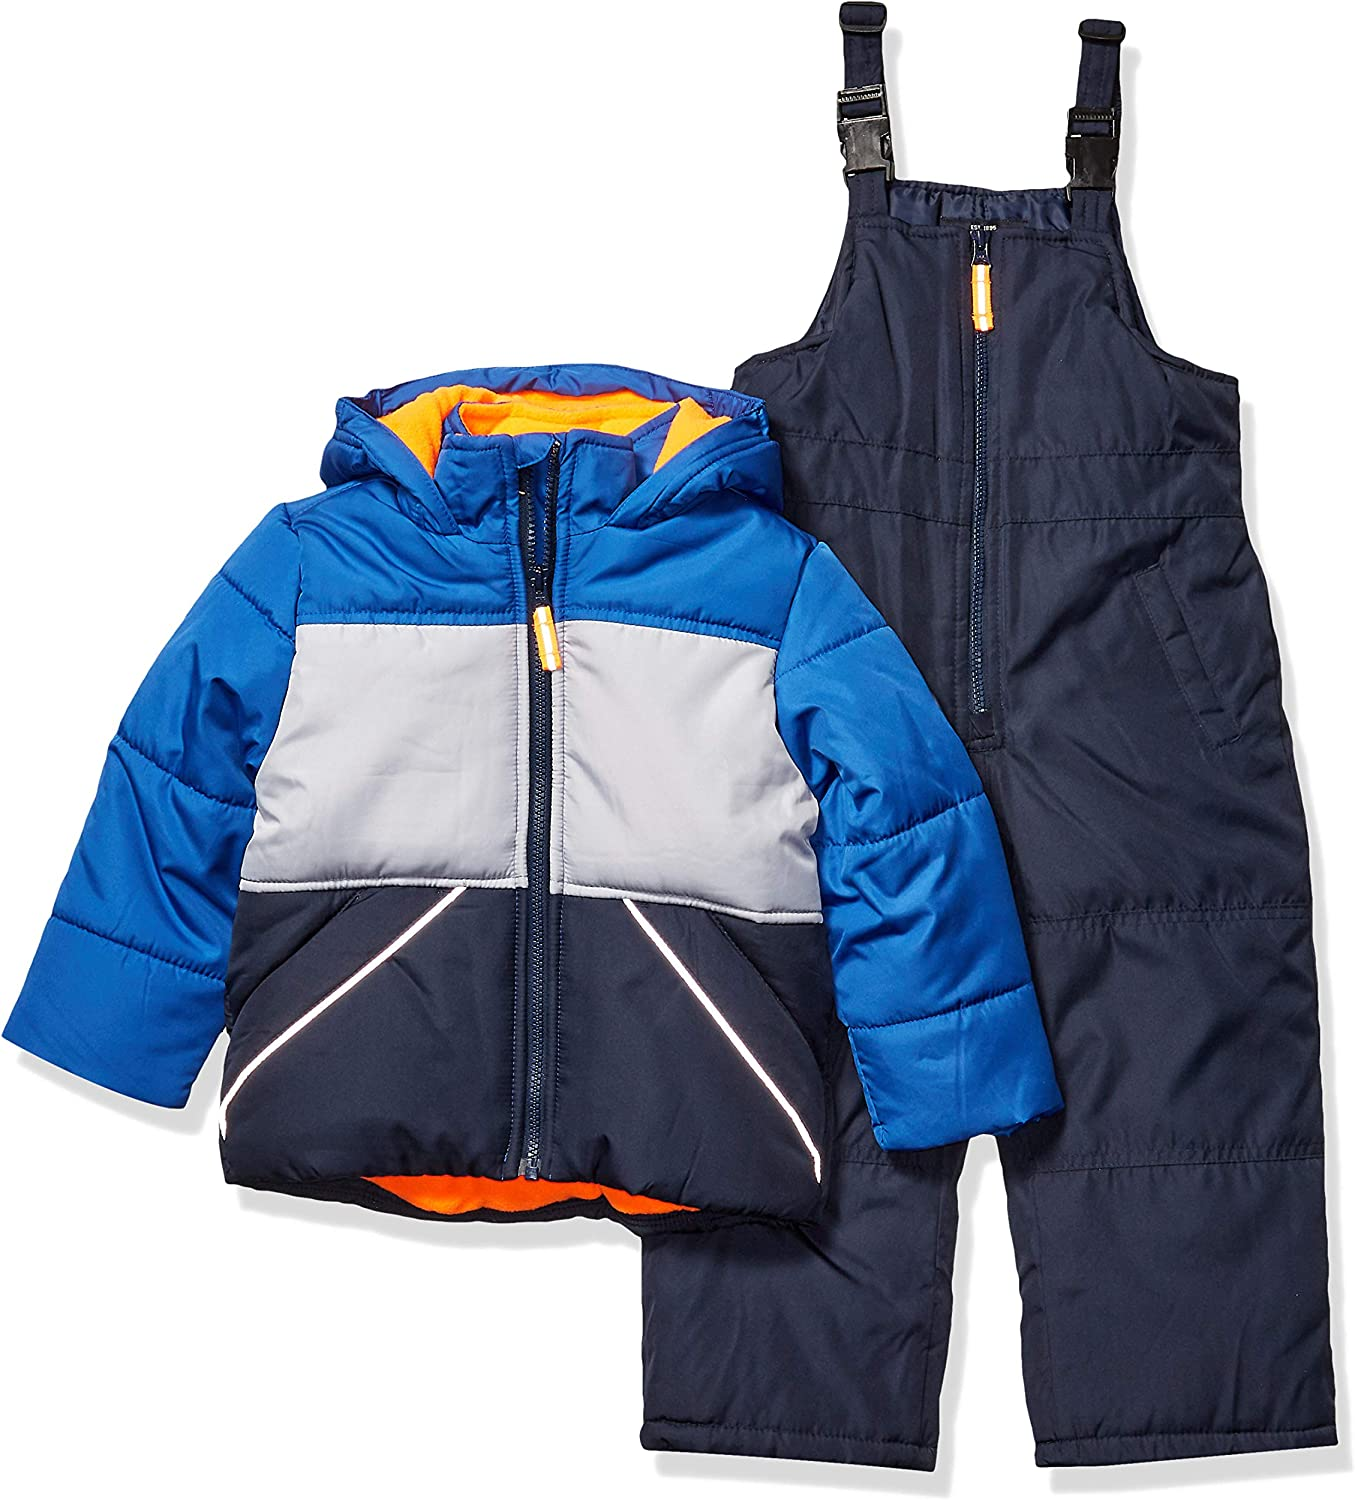 OshKosh BGosh Boys Ski Jacket and Snowbib Snowsuit Set